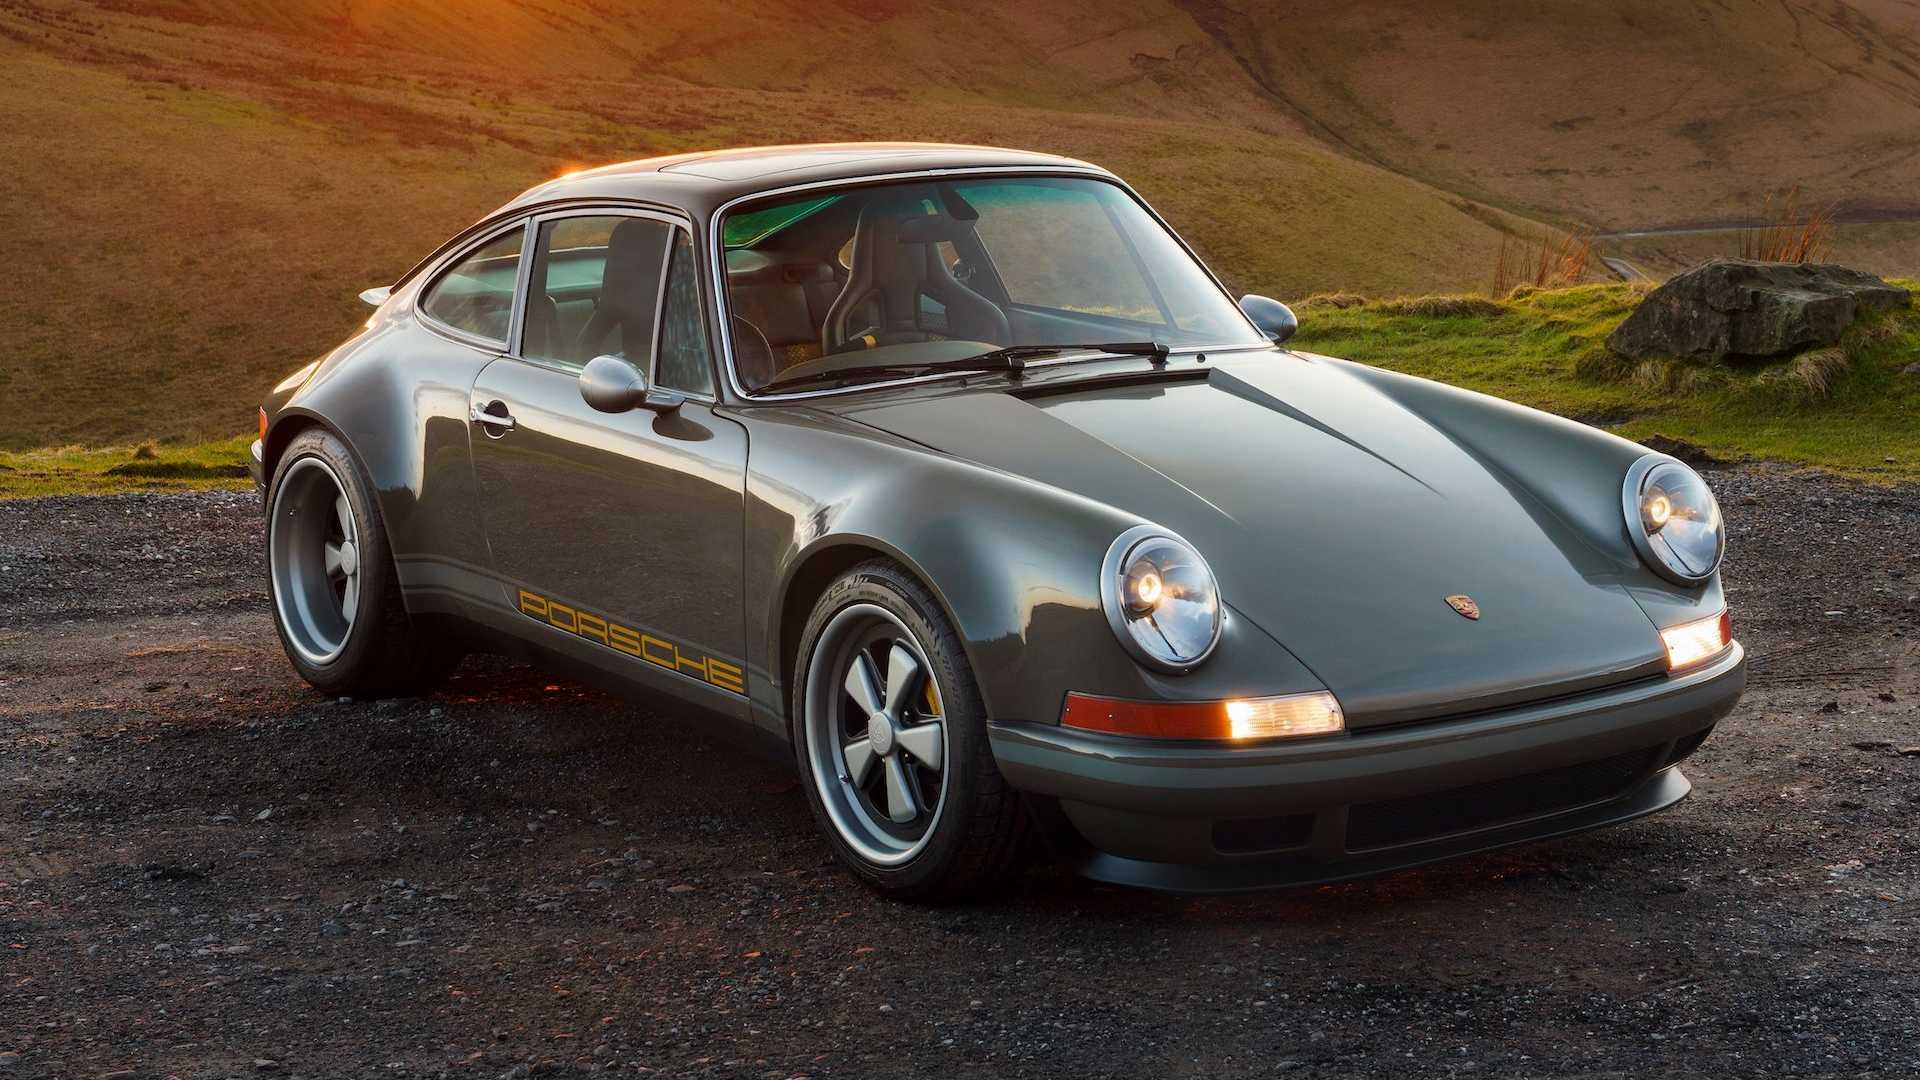 Theon-Design-HK002-Porsche-911-42